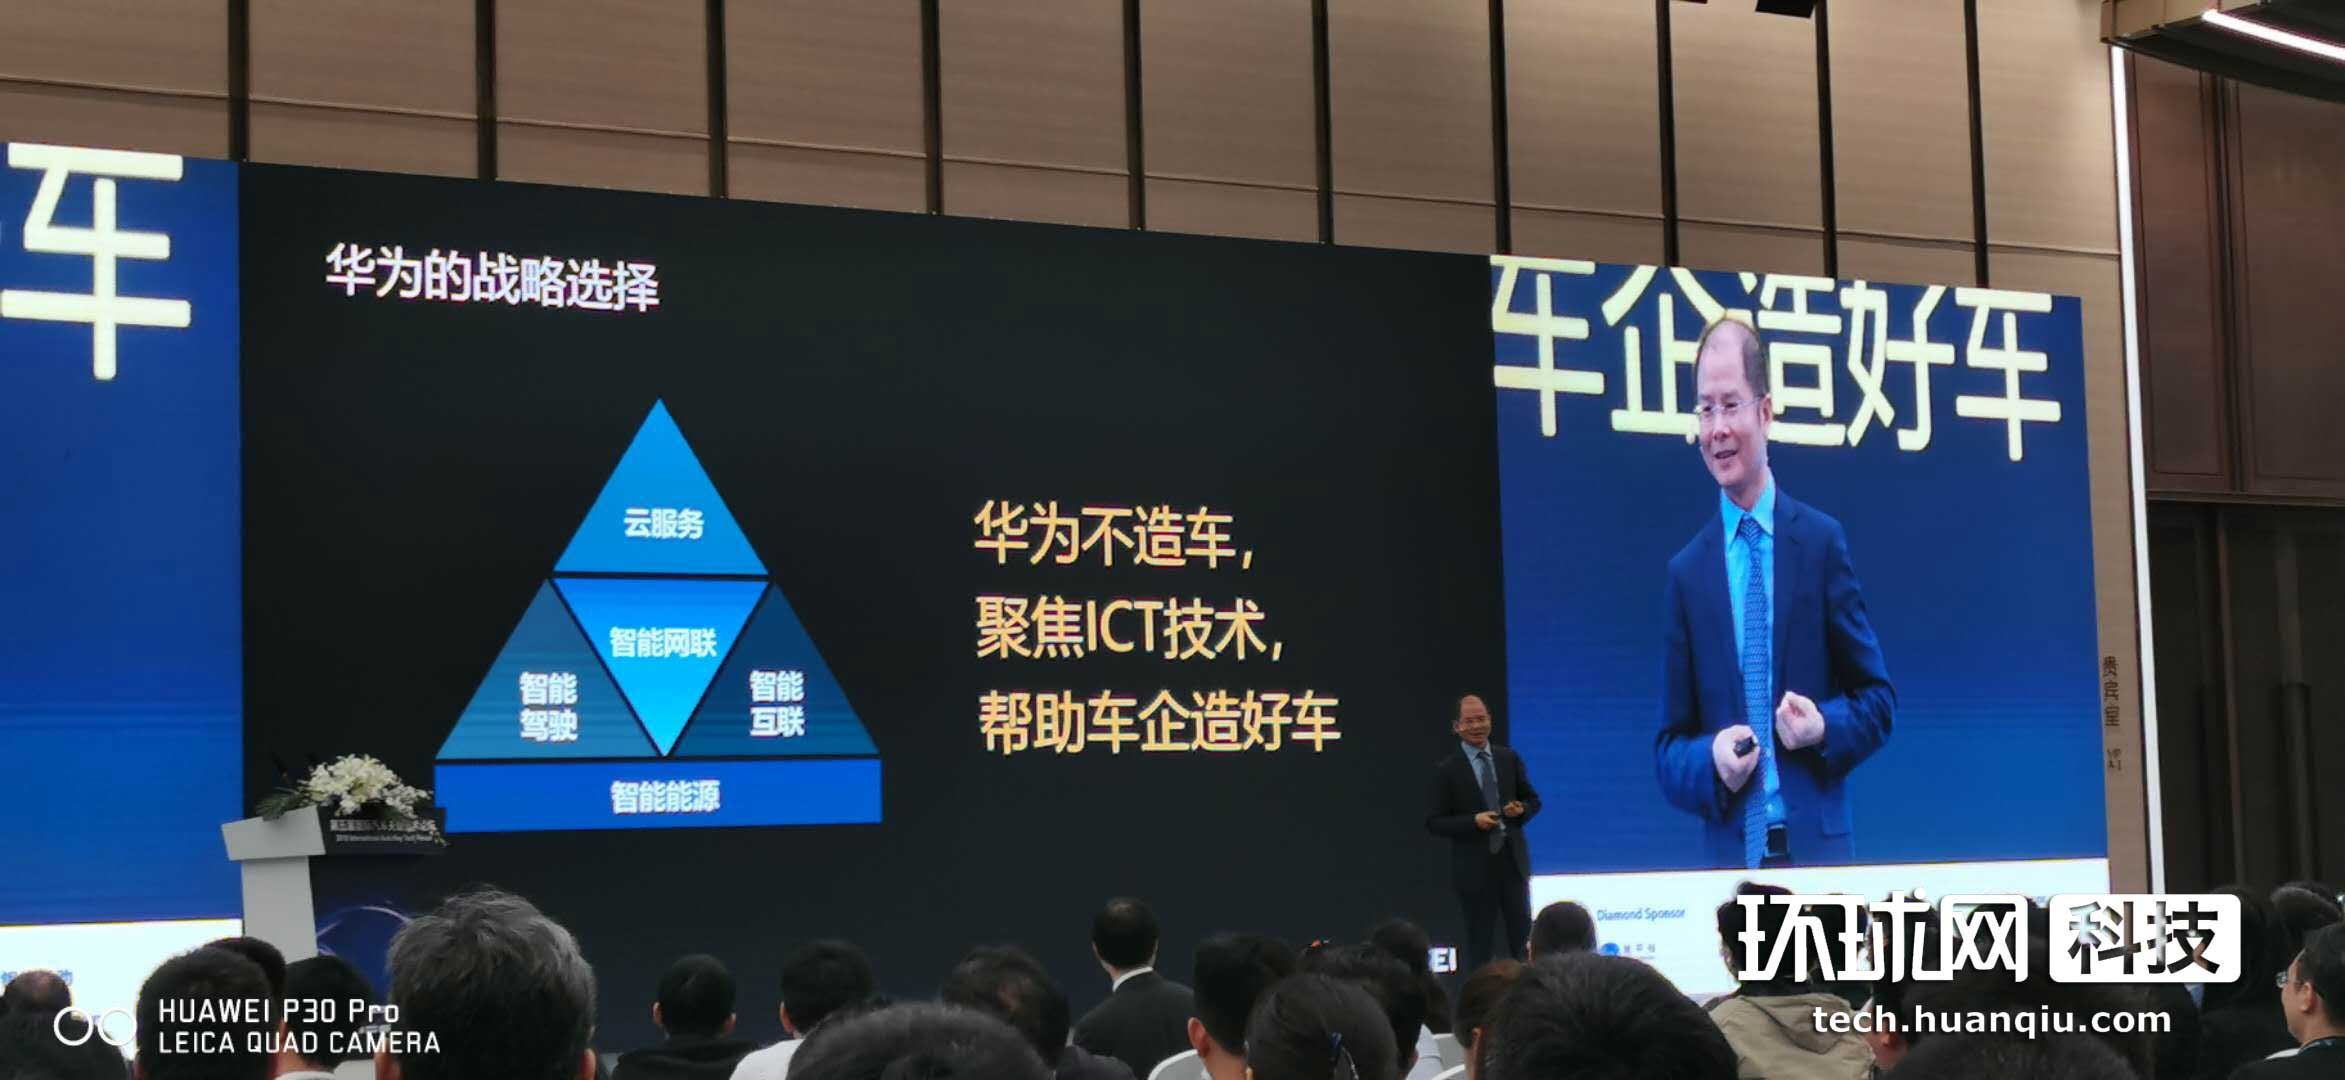 徐直军回应华为汽车业务:在ICT与汽车融合中看机会